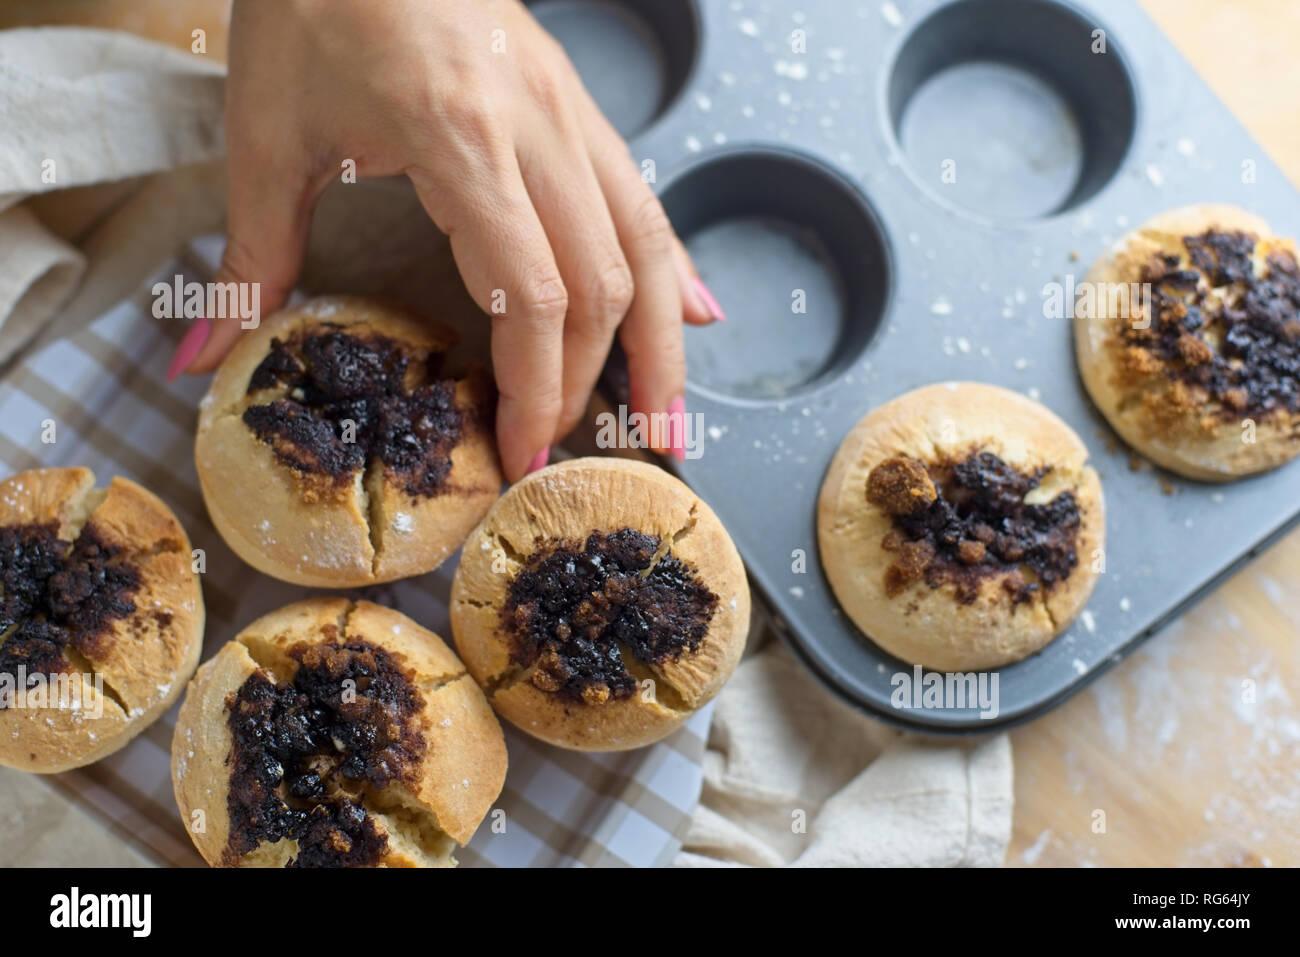 Mujer sacando muffins de la bandeja para hornear. Imagen De Stock